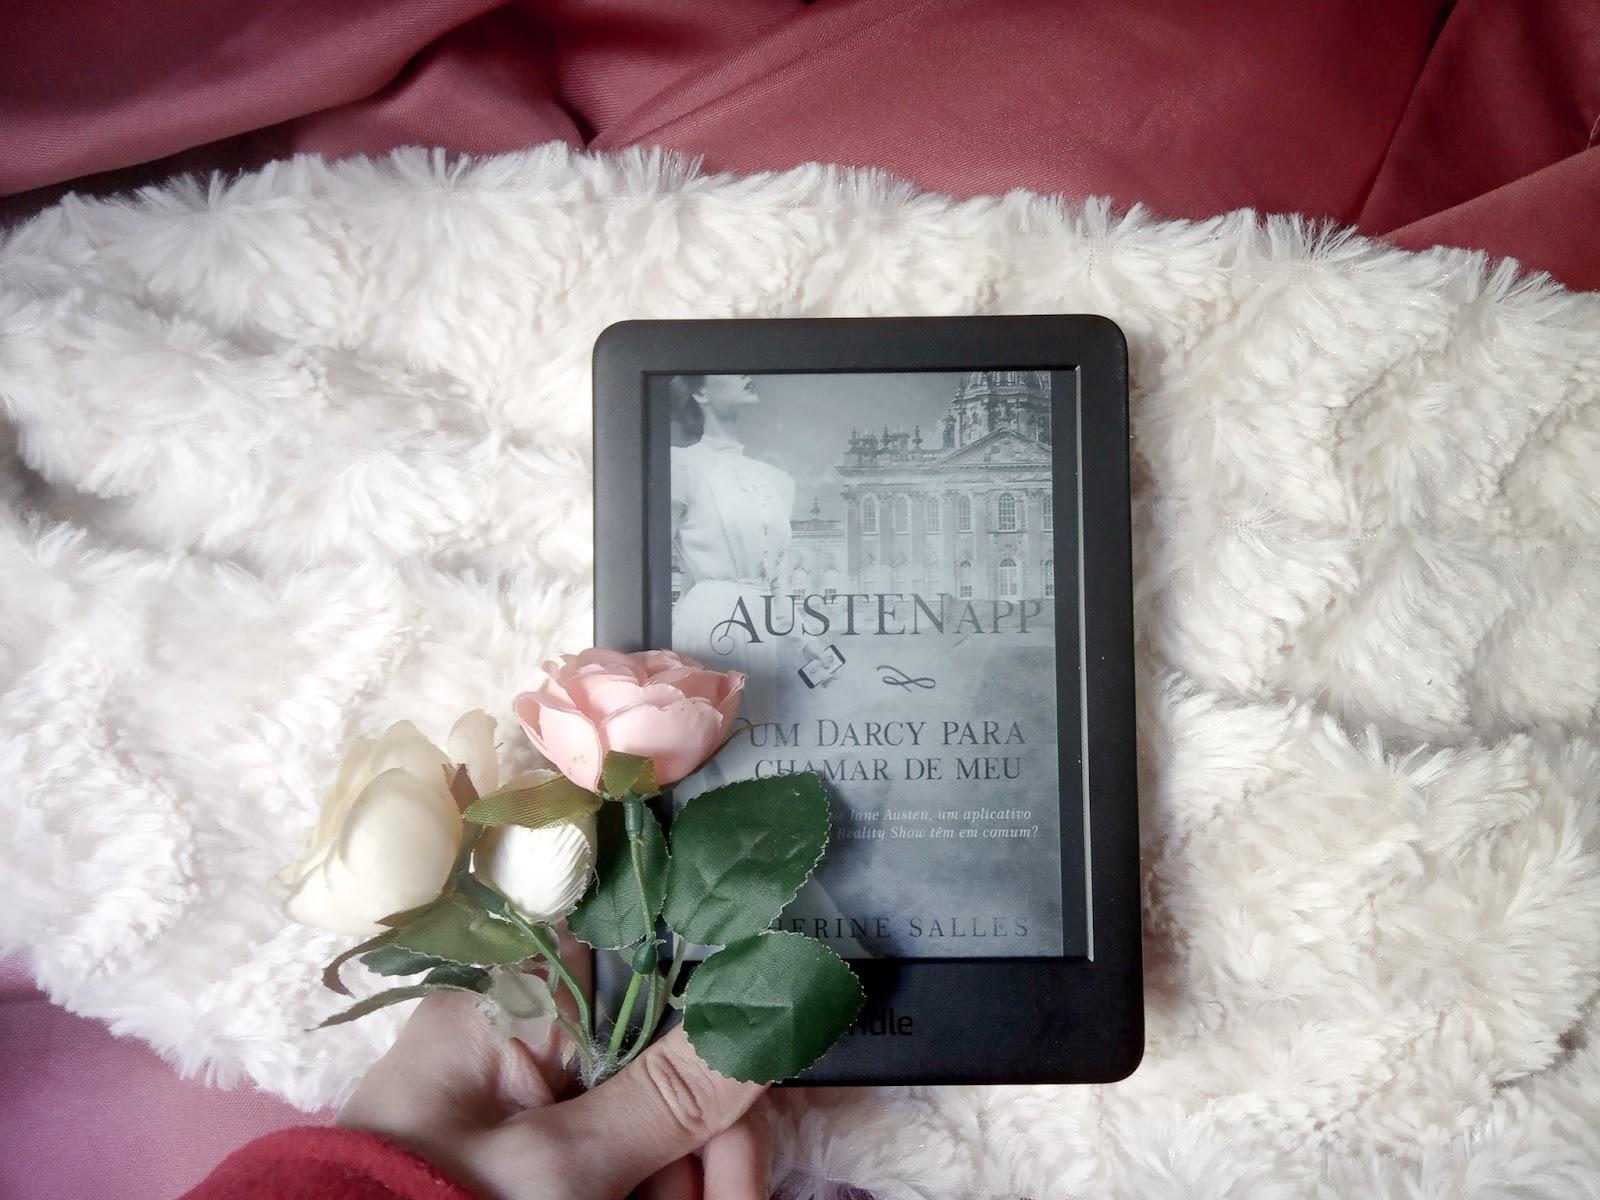 Foto com fundo mesclado de tecido liso vermelho vinho e um tecido peludo, sobre ele tem um aparelho kindle com a capa do livro AustenApp e uma mão segurando flores